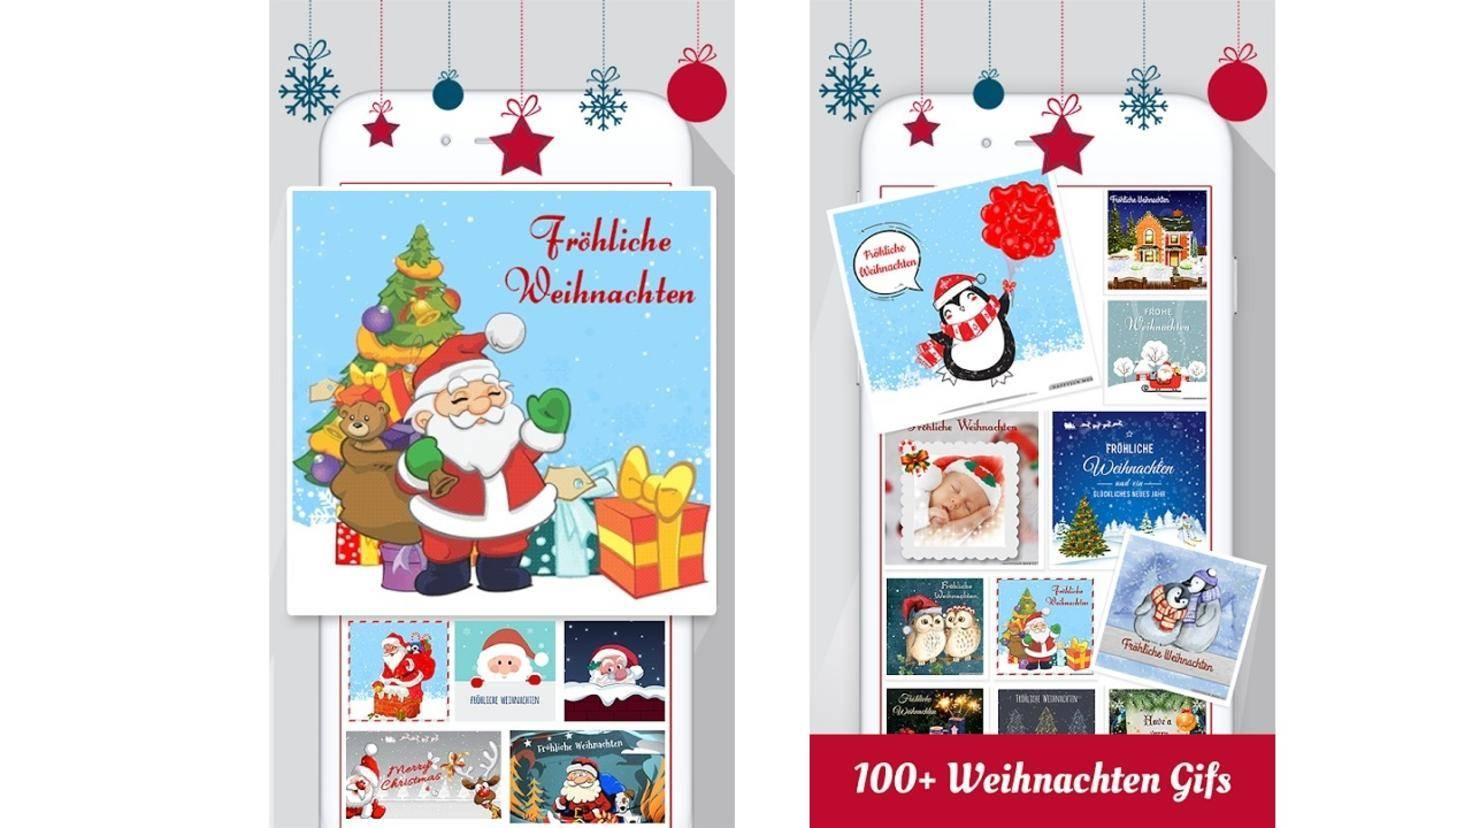 Weihnachtssprüche App